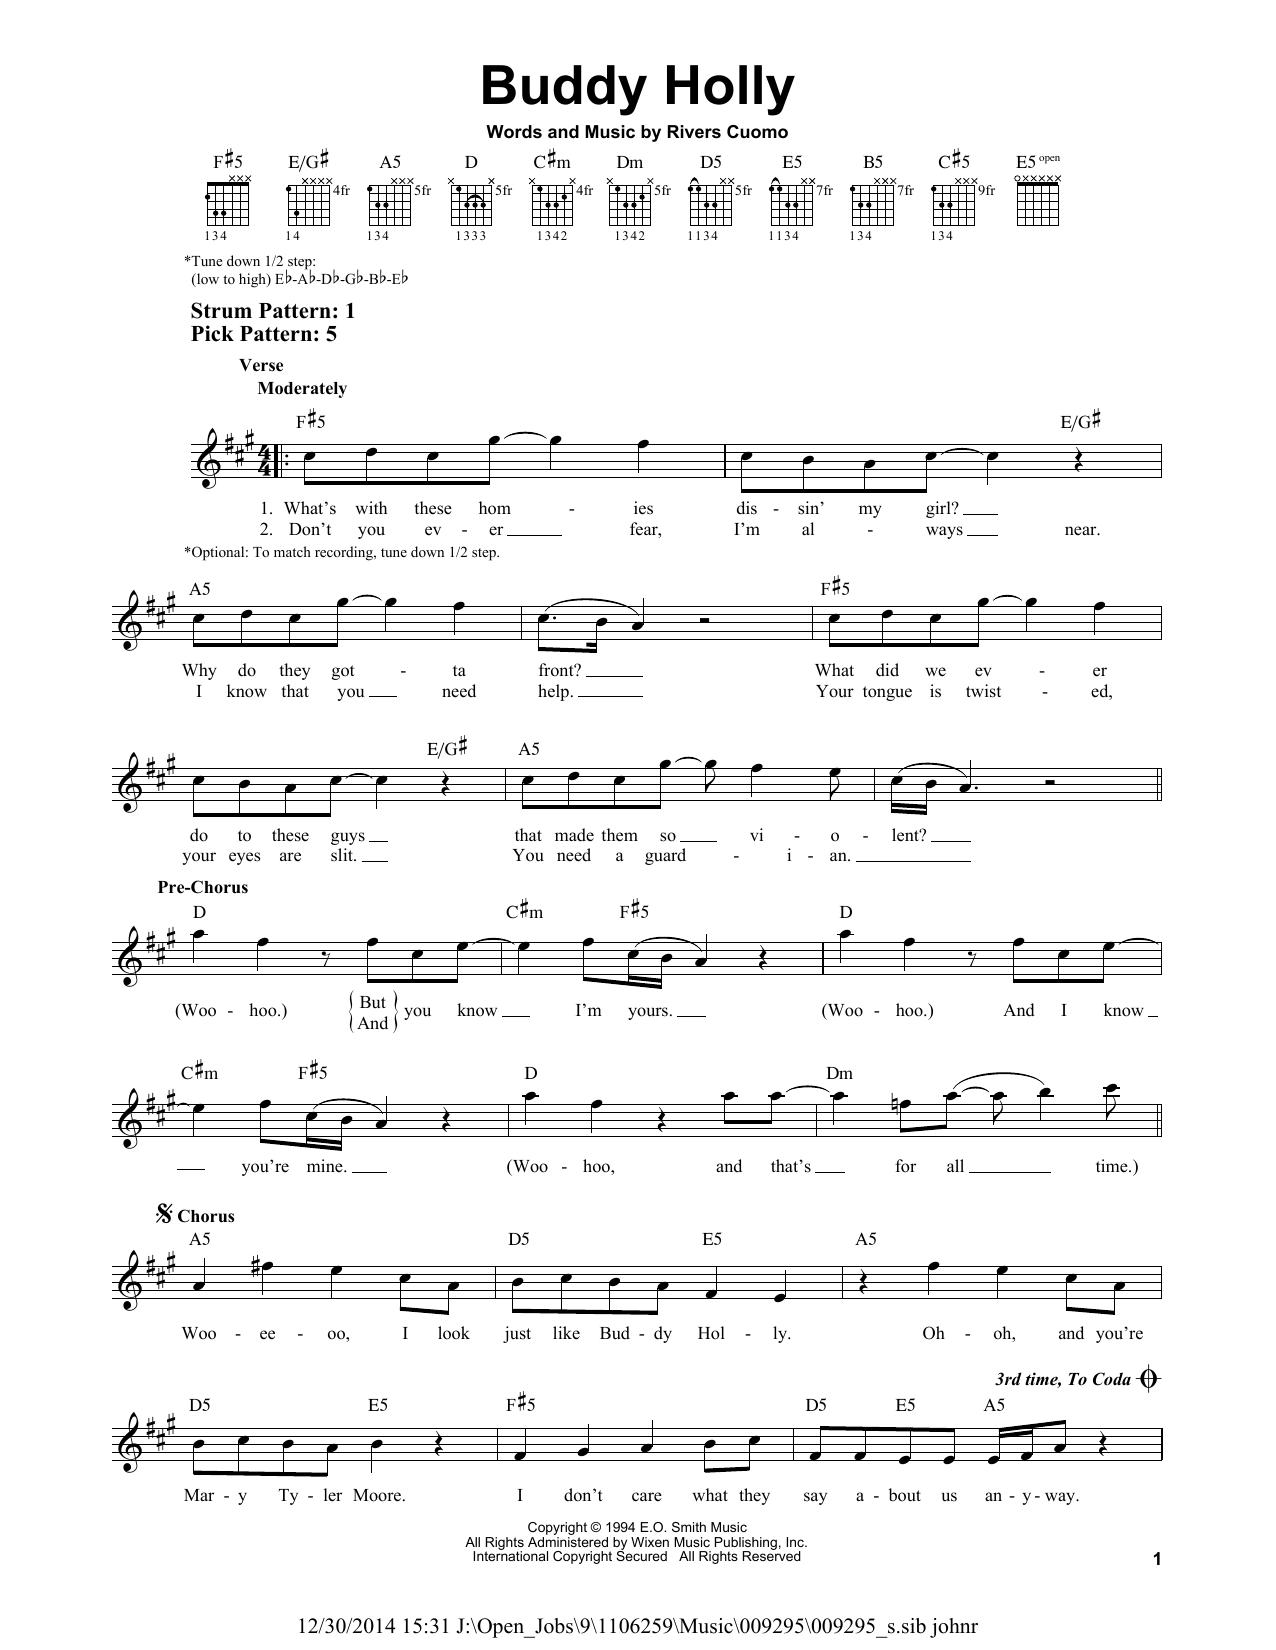 Buddy Holly Sheet Music